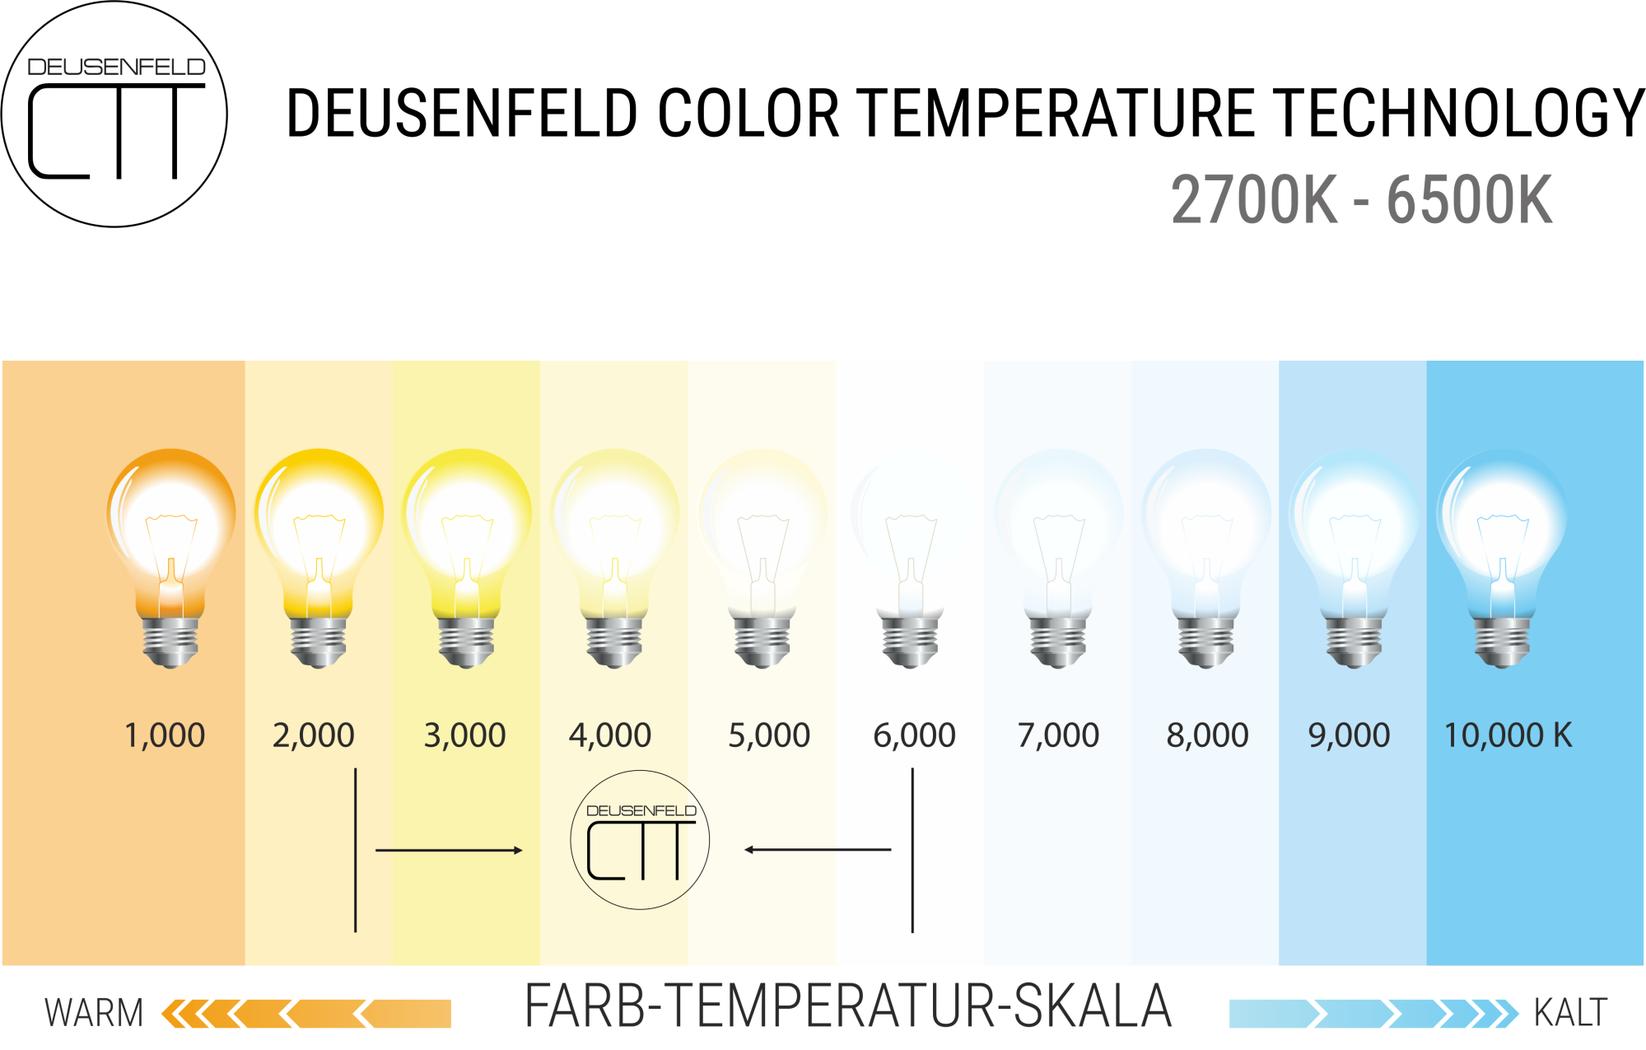 deusenfeld wl100ct led kosmetikspiegel 10 fach ctt stufenlos einstellbarer farbton von 2700k 6500k. Black Bedroom Furniture Sets. Home Design Ideas